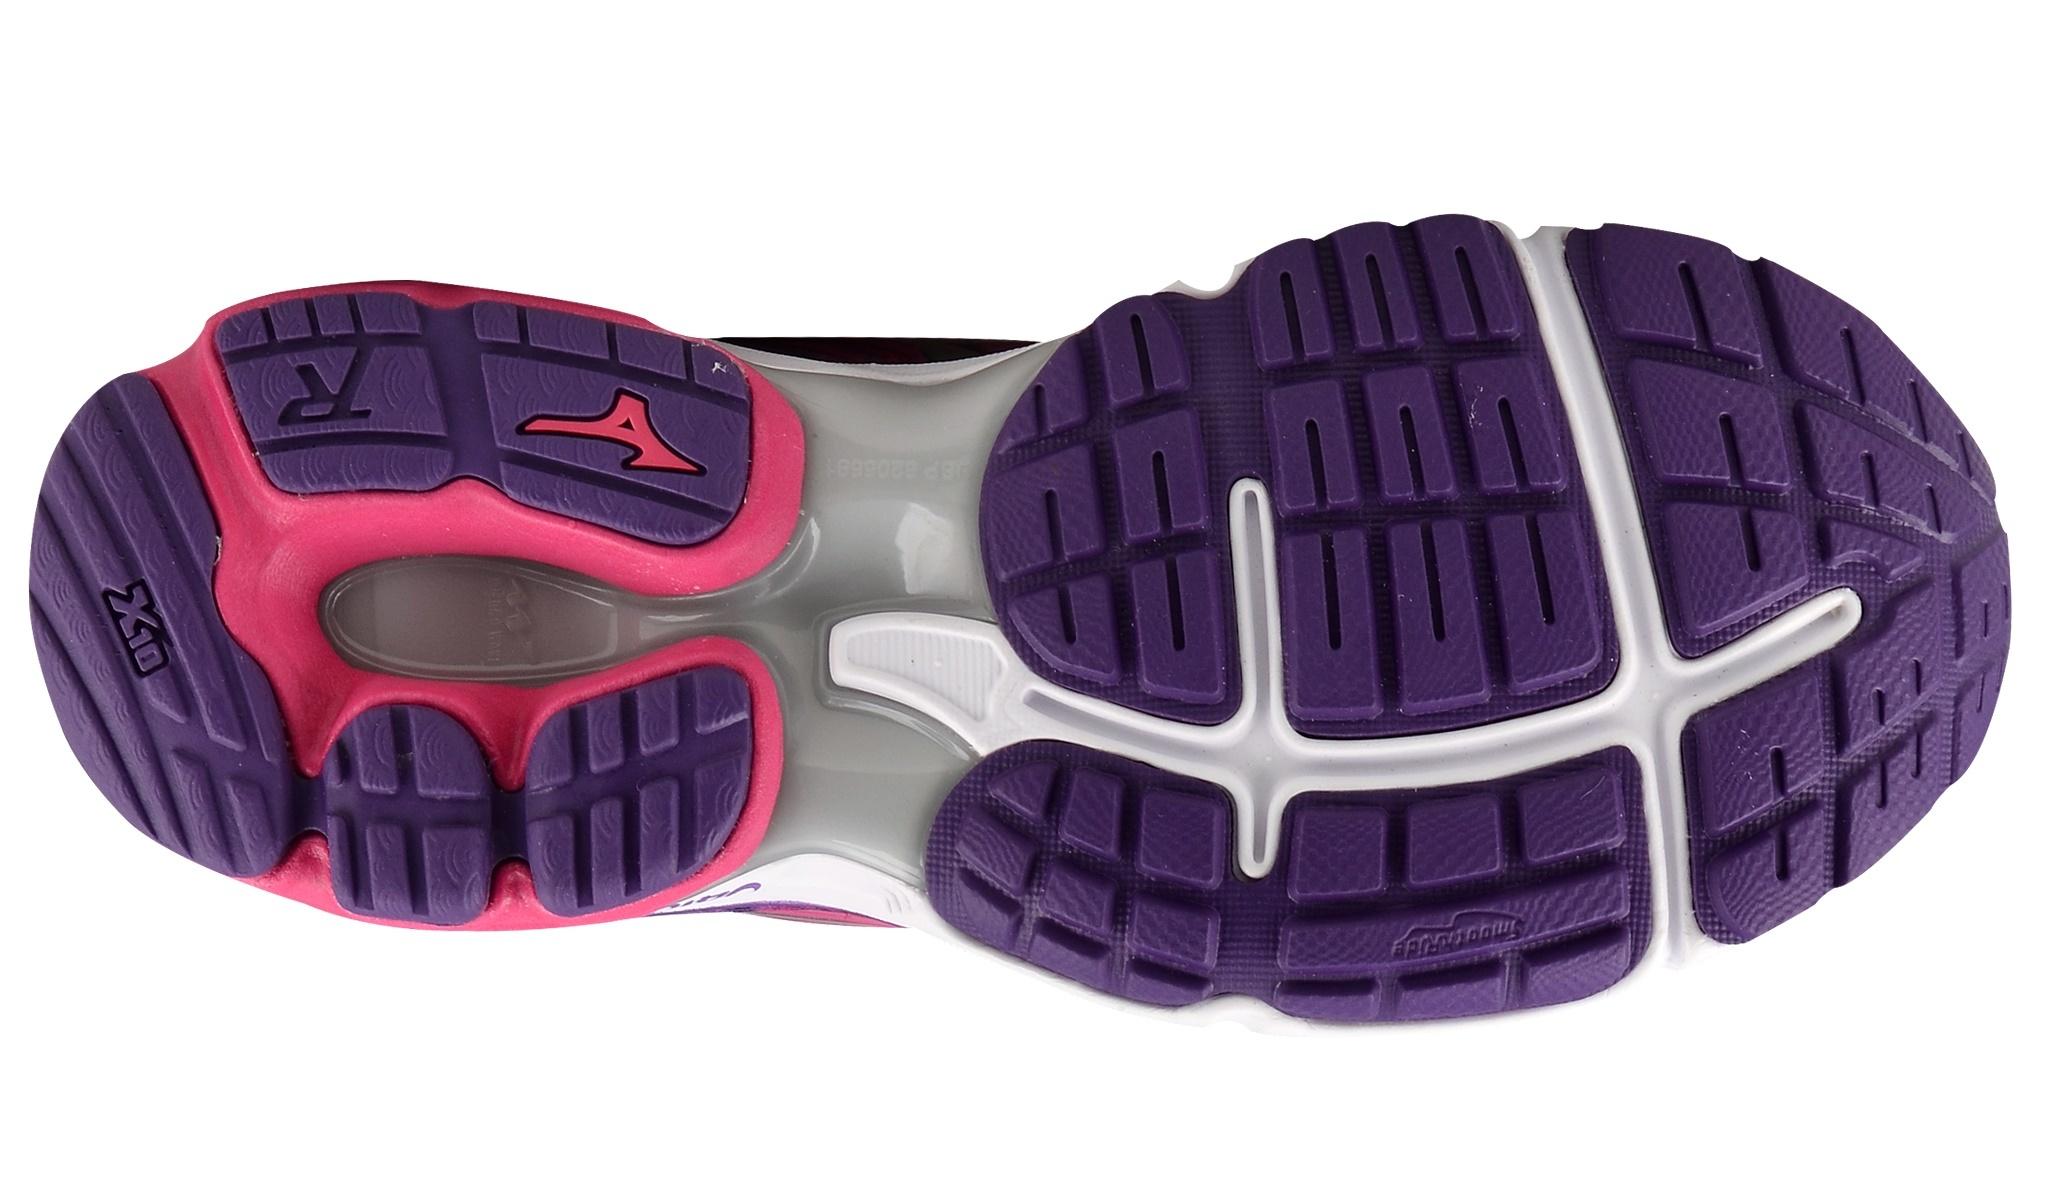 Женские беговые кроссовки Mizuno Wave Rider 19 (J1GD1603 03) розовые фото